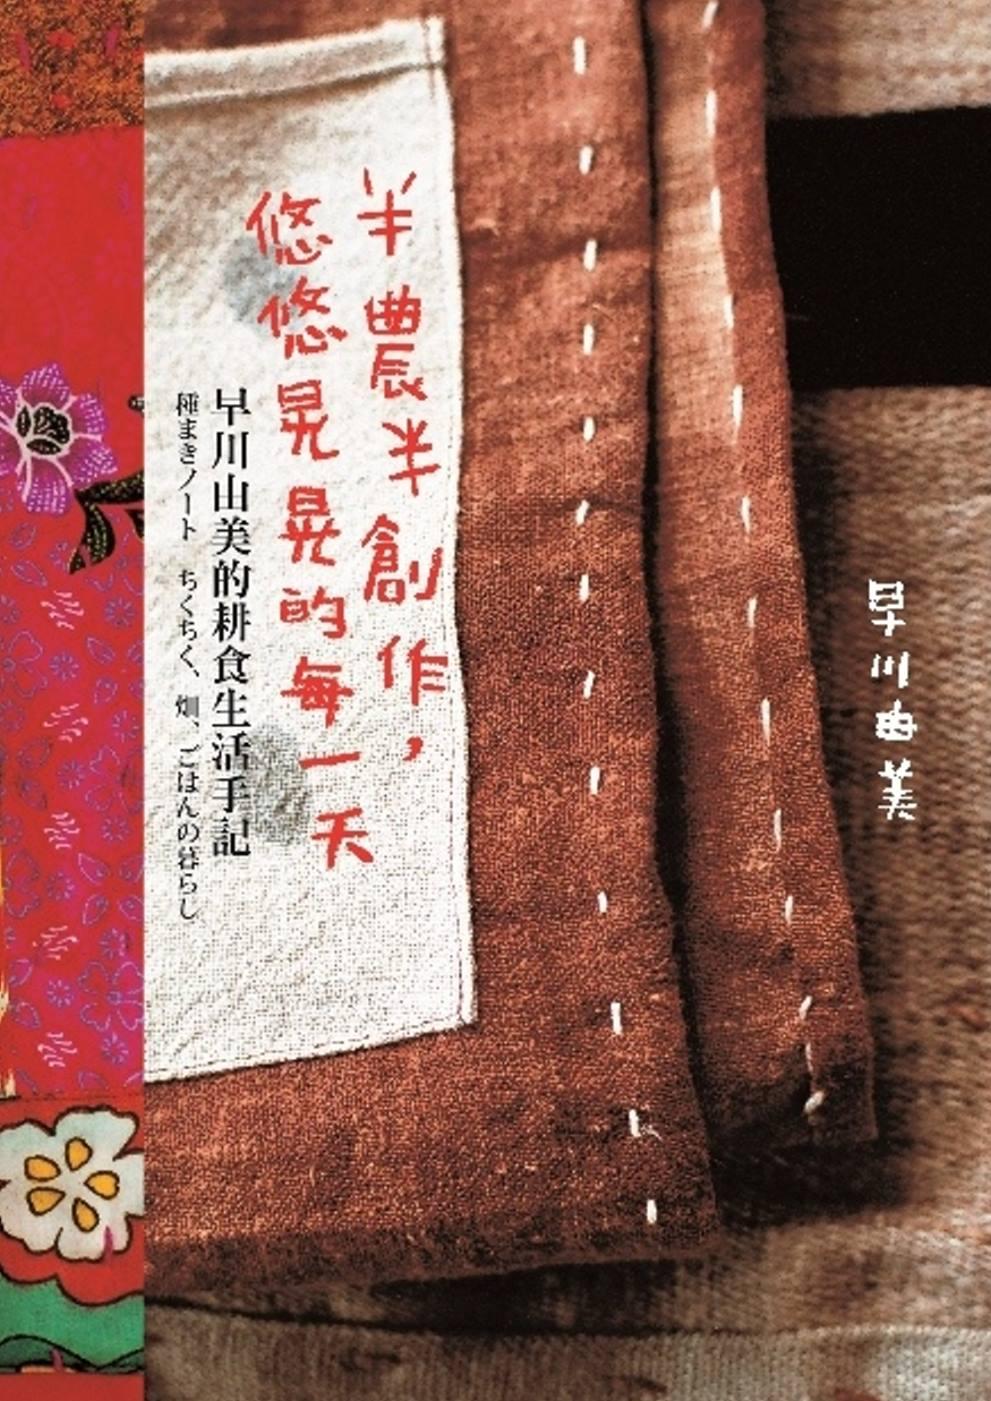 半農半創作,悠悠晃晃的每一天:早川由美的耕食生活手記